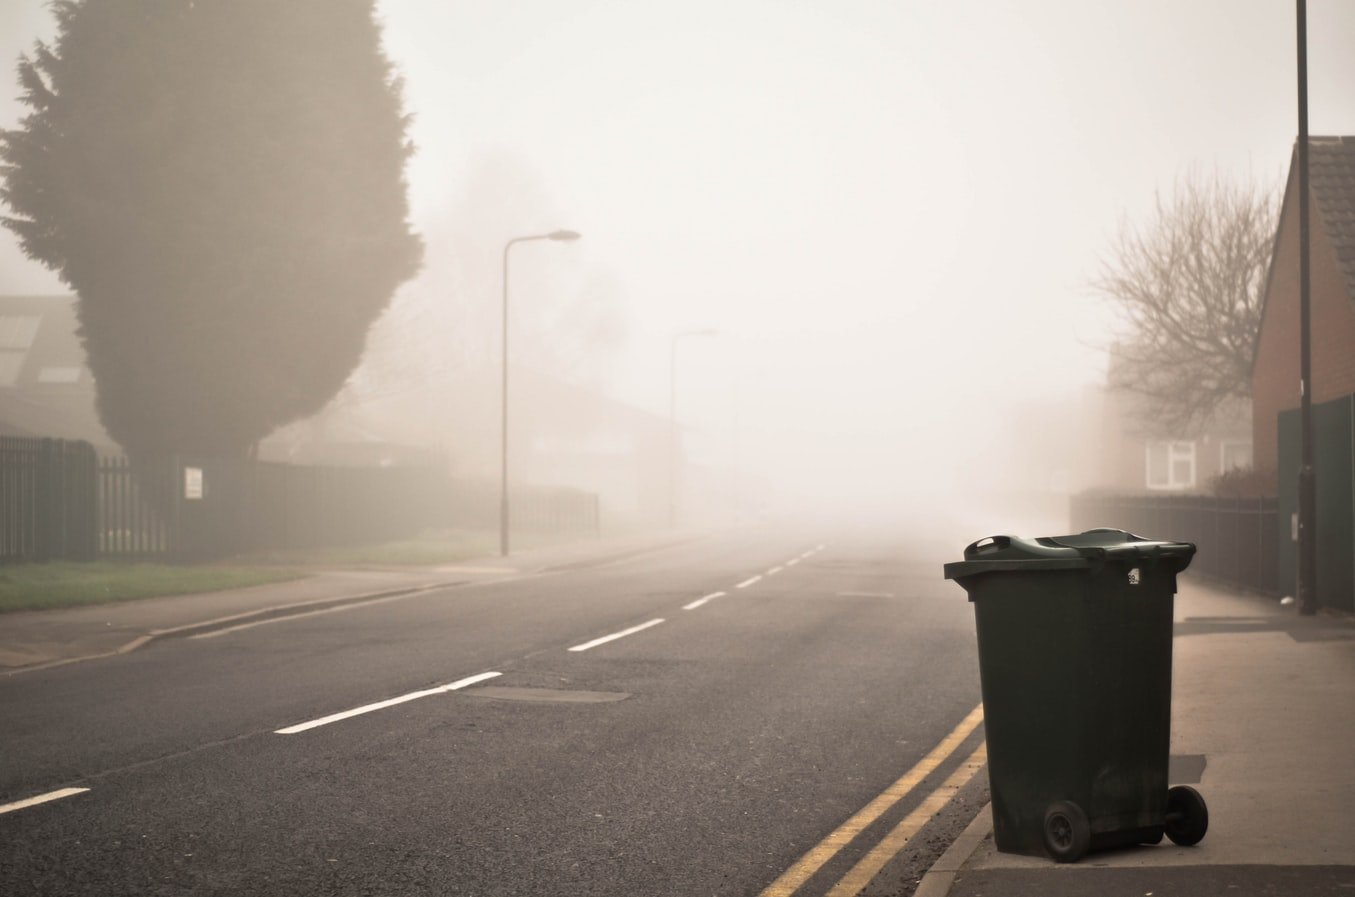 Uwaga kierowcy! To może być bardzo mglisty wieczór - ostrzeżenie meteorologiczne IMiGW